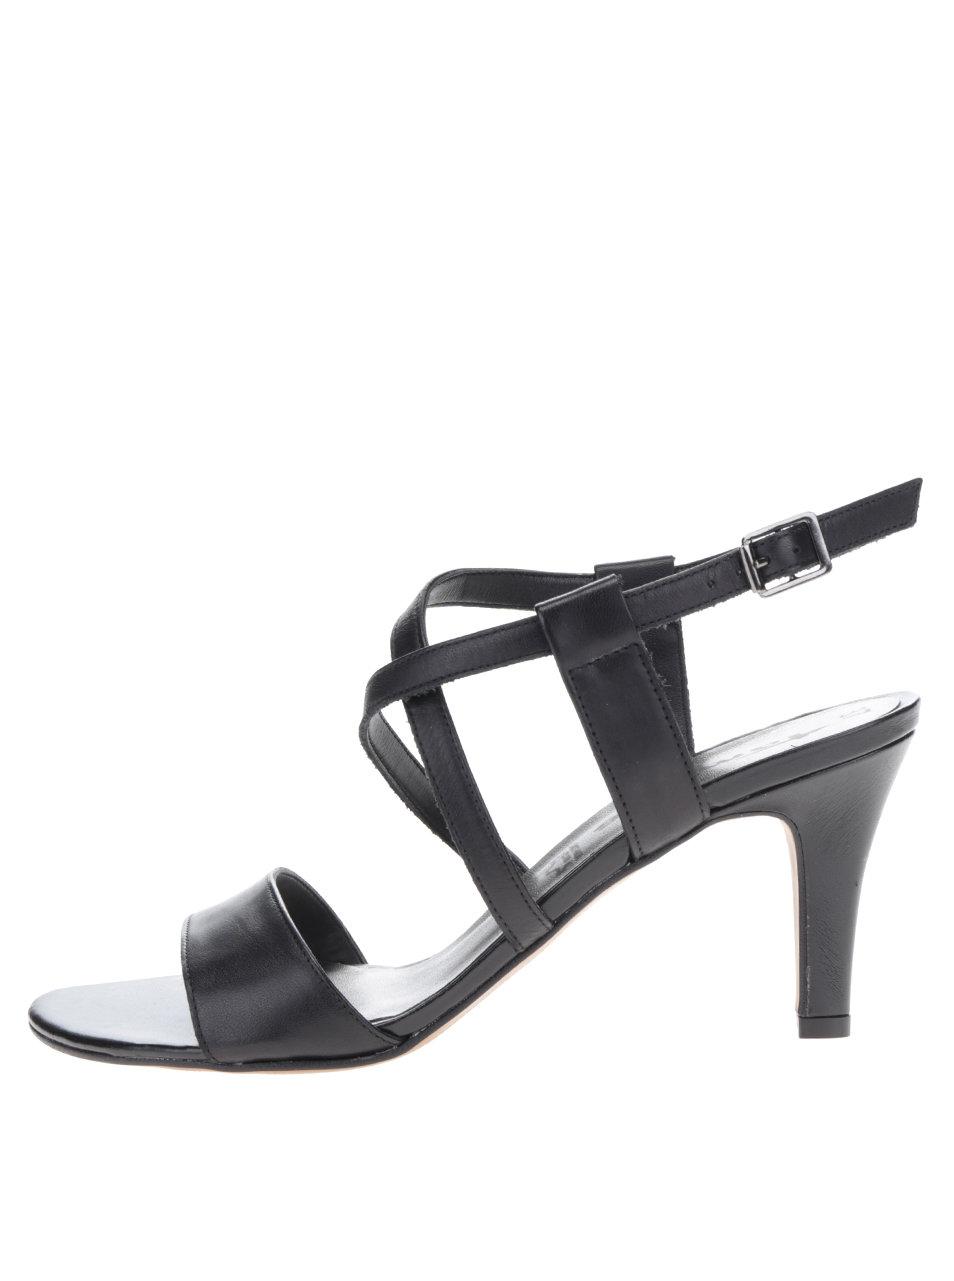 Čierne kožené sandále na podpätku s prekríženými remienkami Tamaris ... 0a1efffb7e4